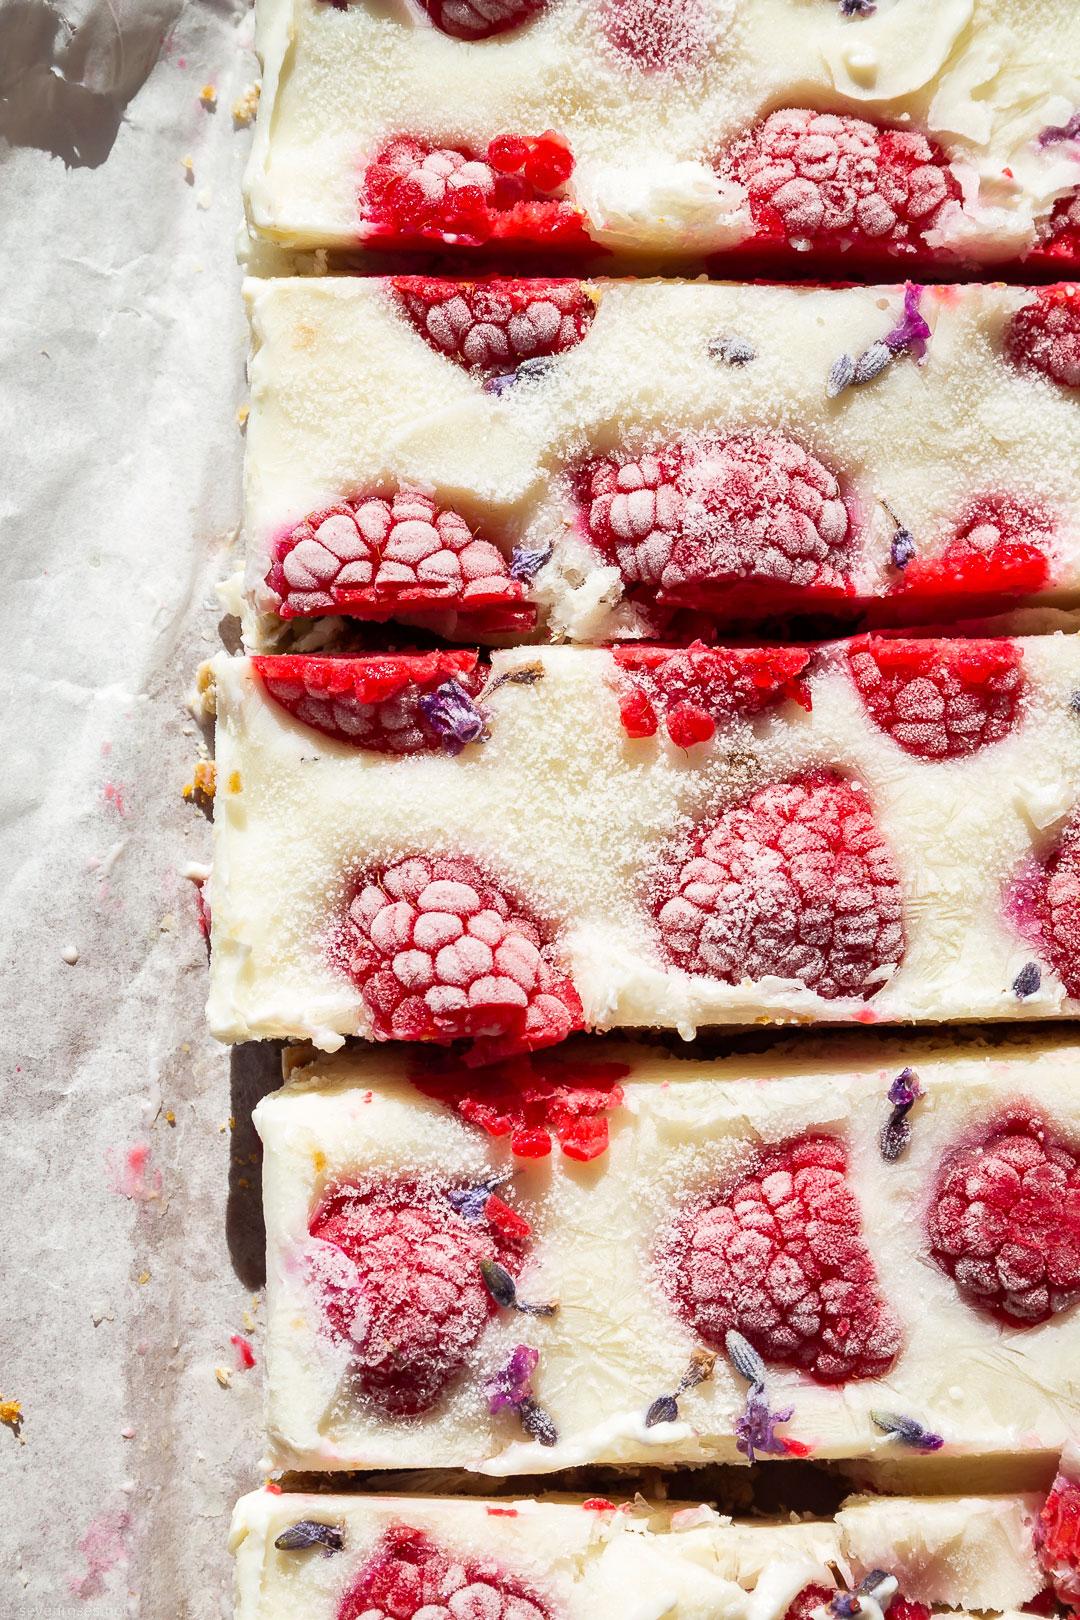 healthy Vegan frozen yogurt & raspberries bars